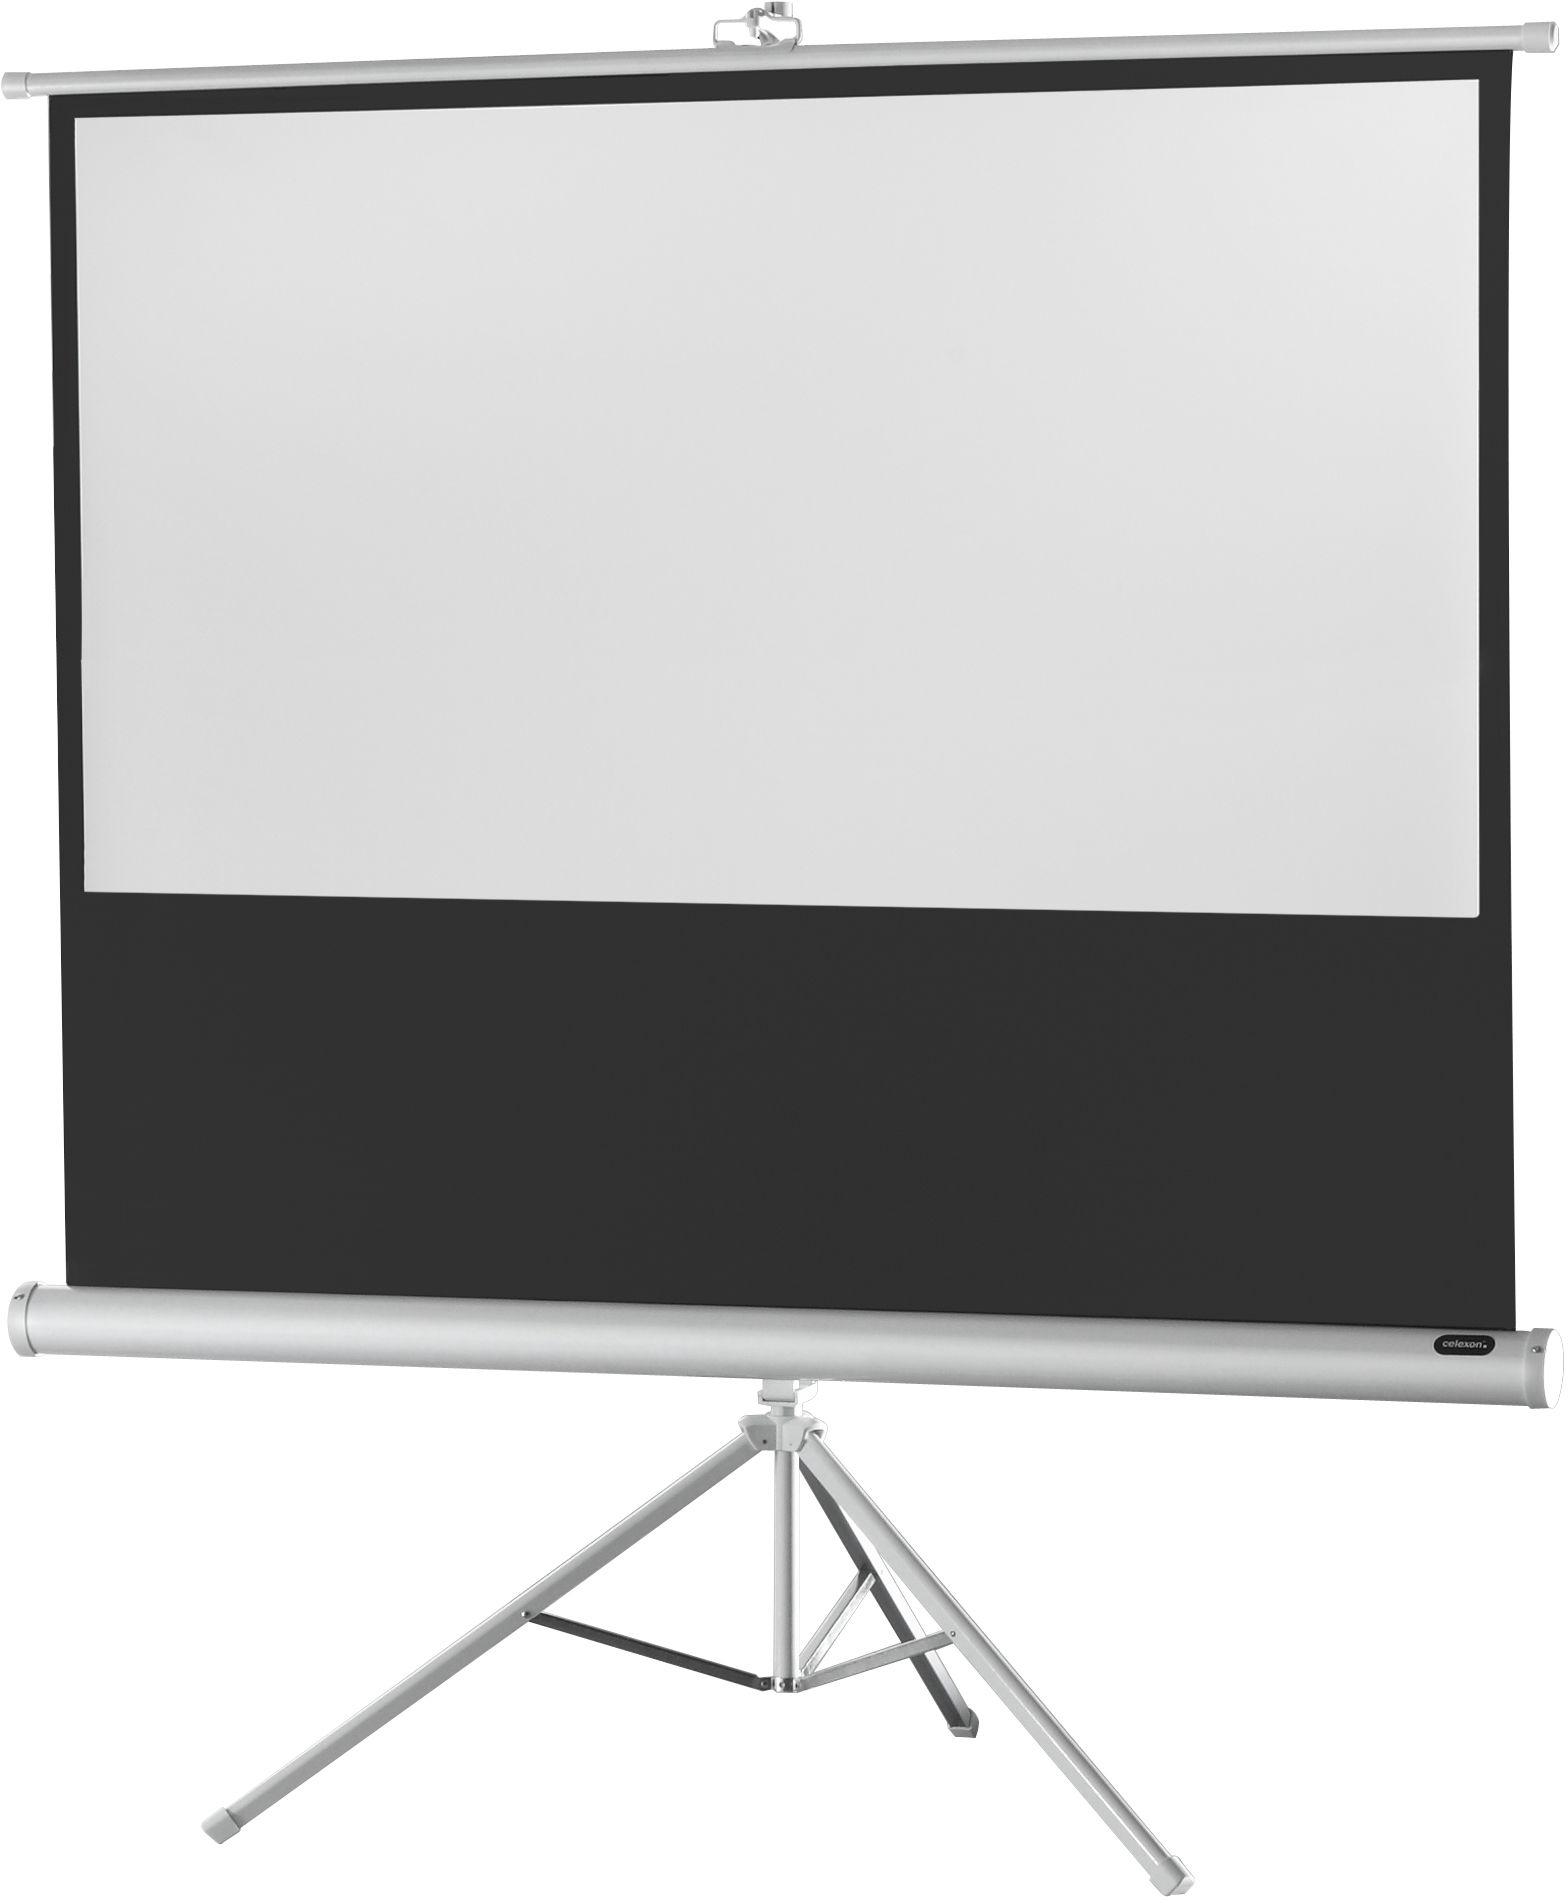 celexon Economy 244 x 138 cm ekran projekcyjny na trójnogu - Biala edycja